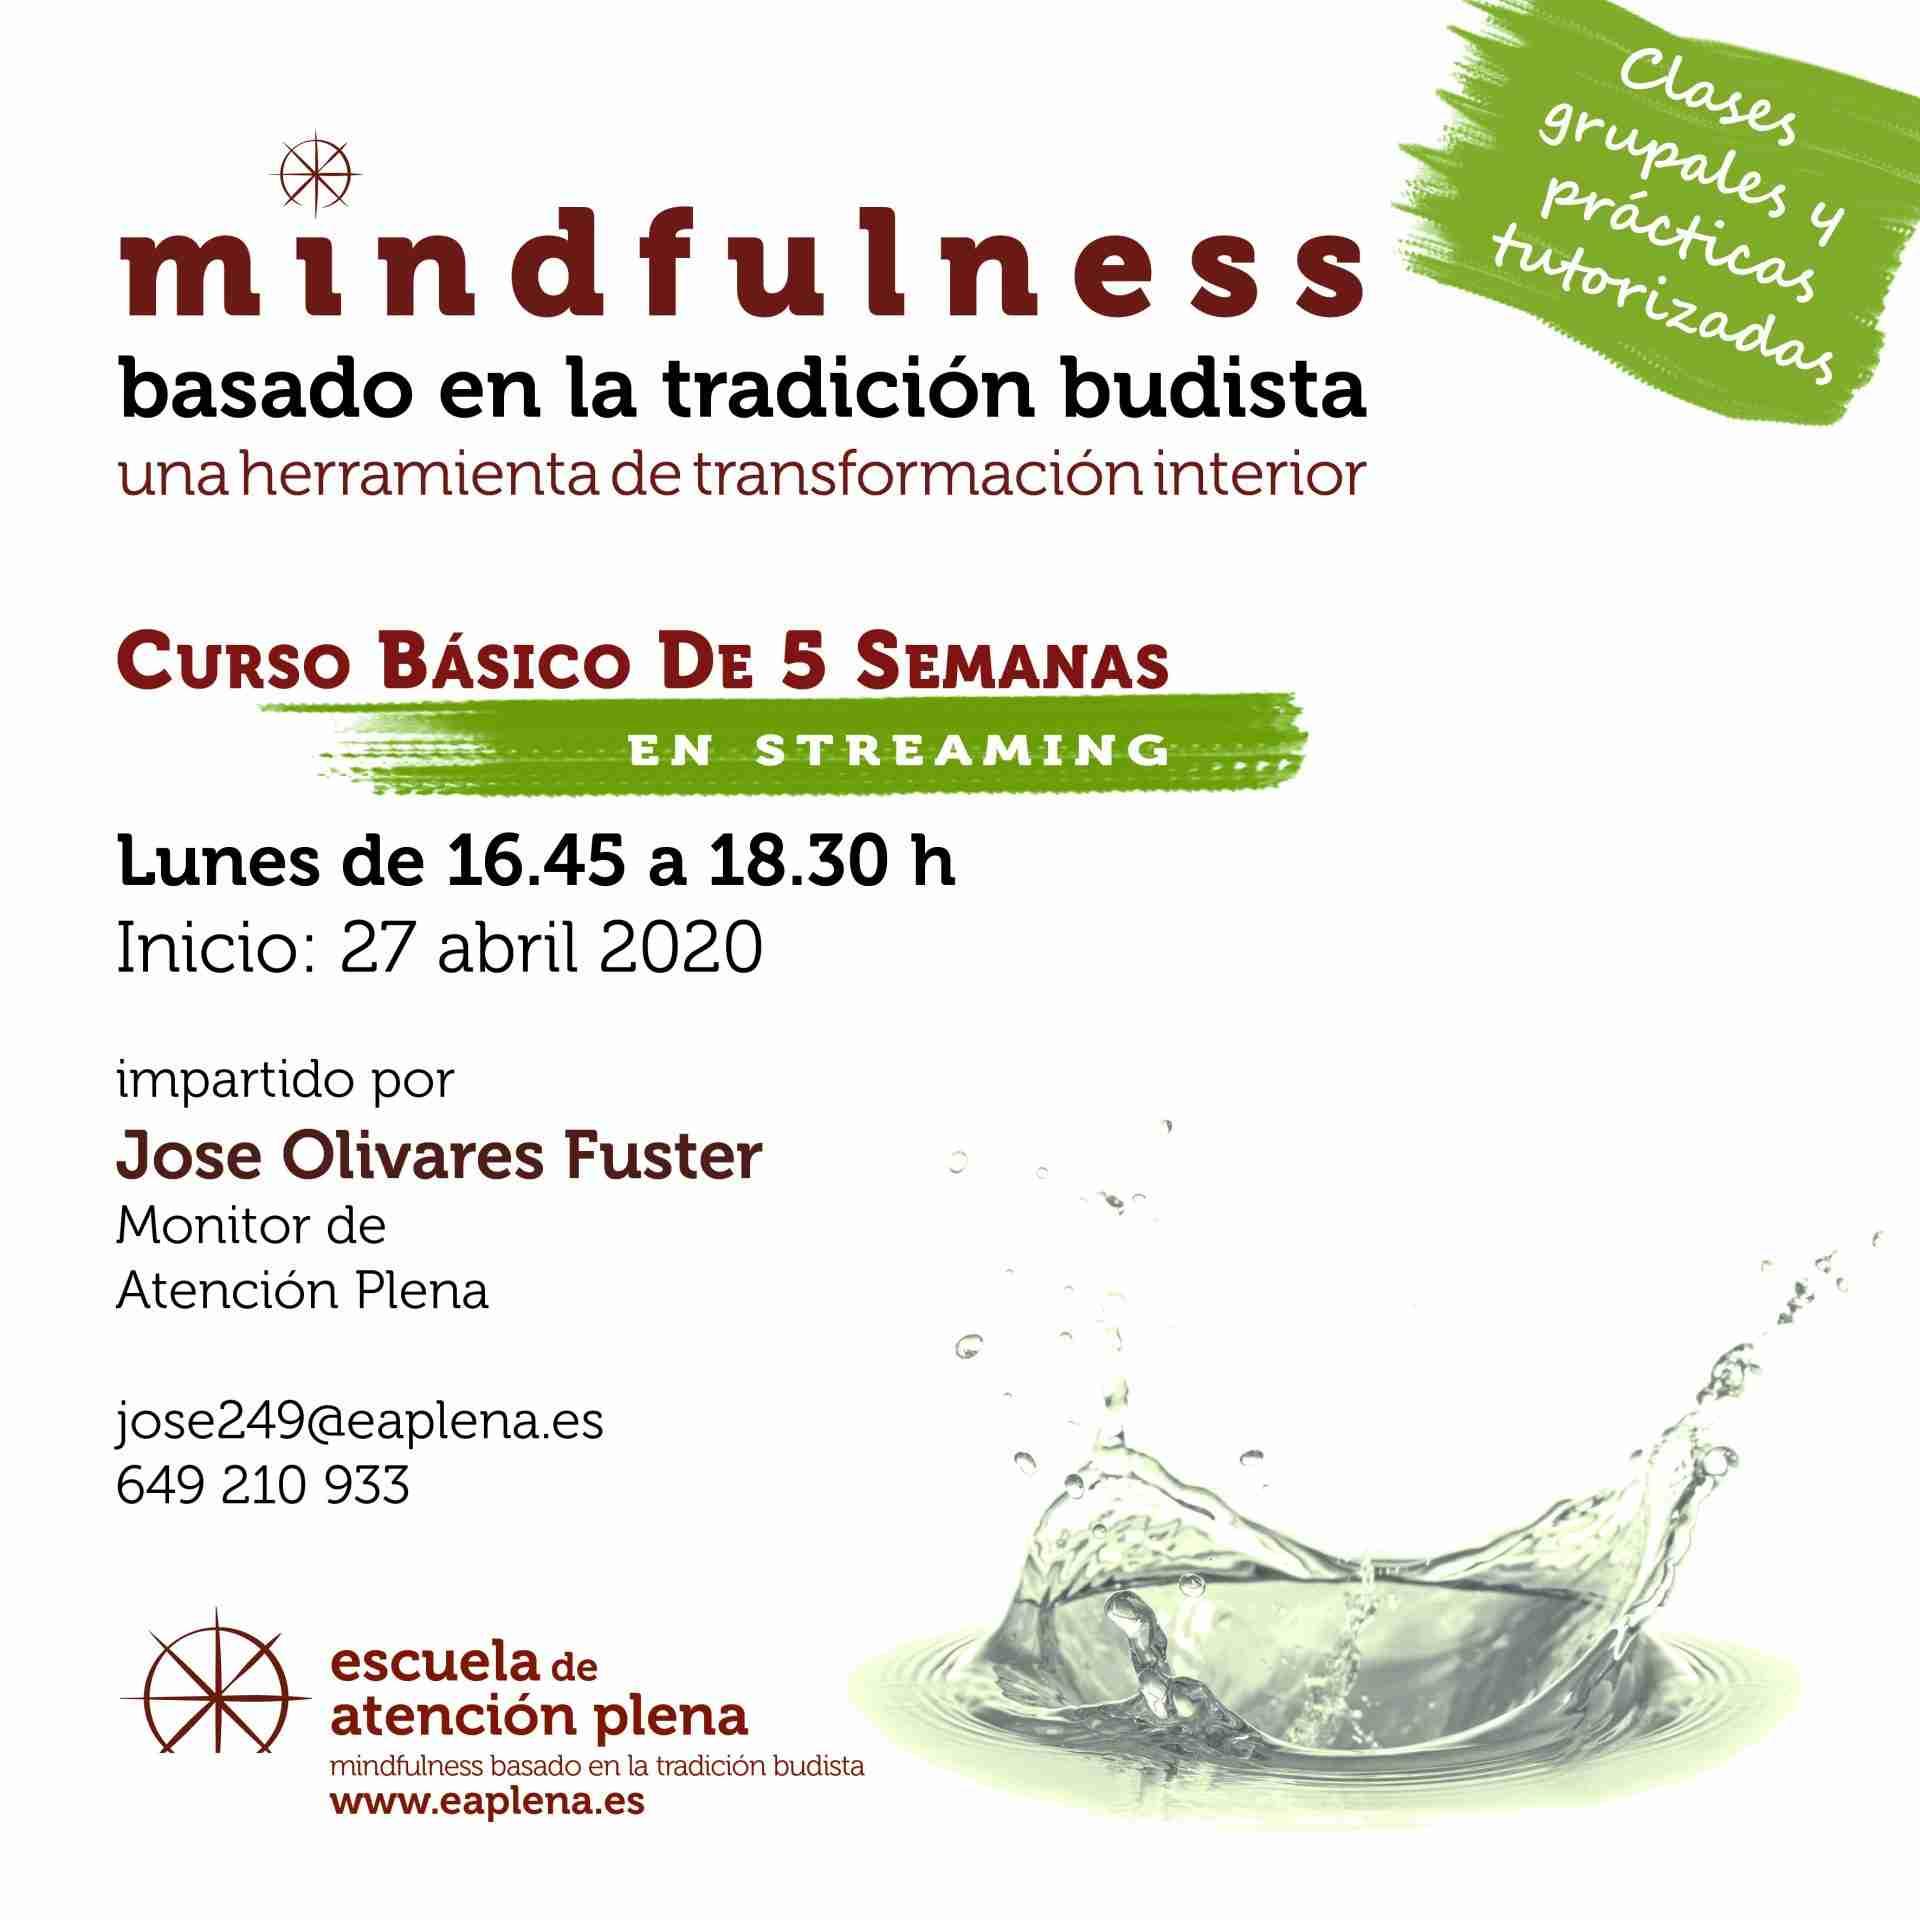 Curso Básico de 5 Semanas en streaming 1 547 José Olivares Fuster 27-04-2020